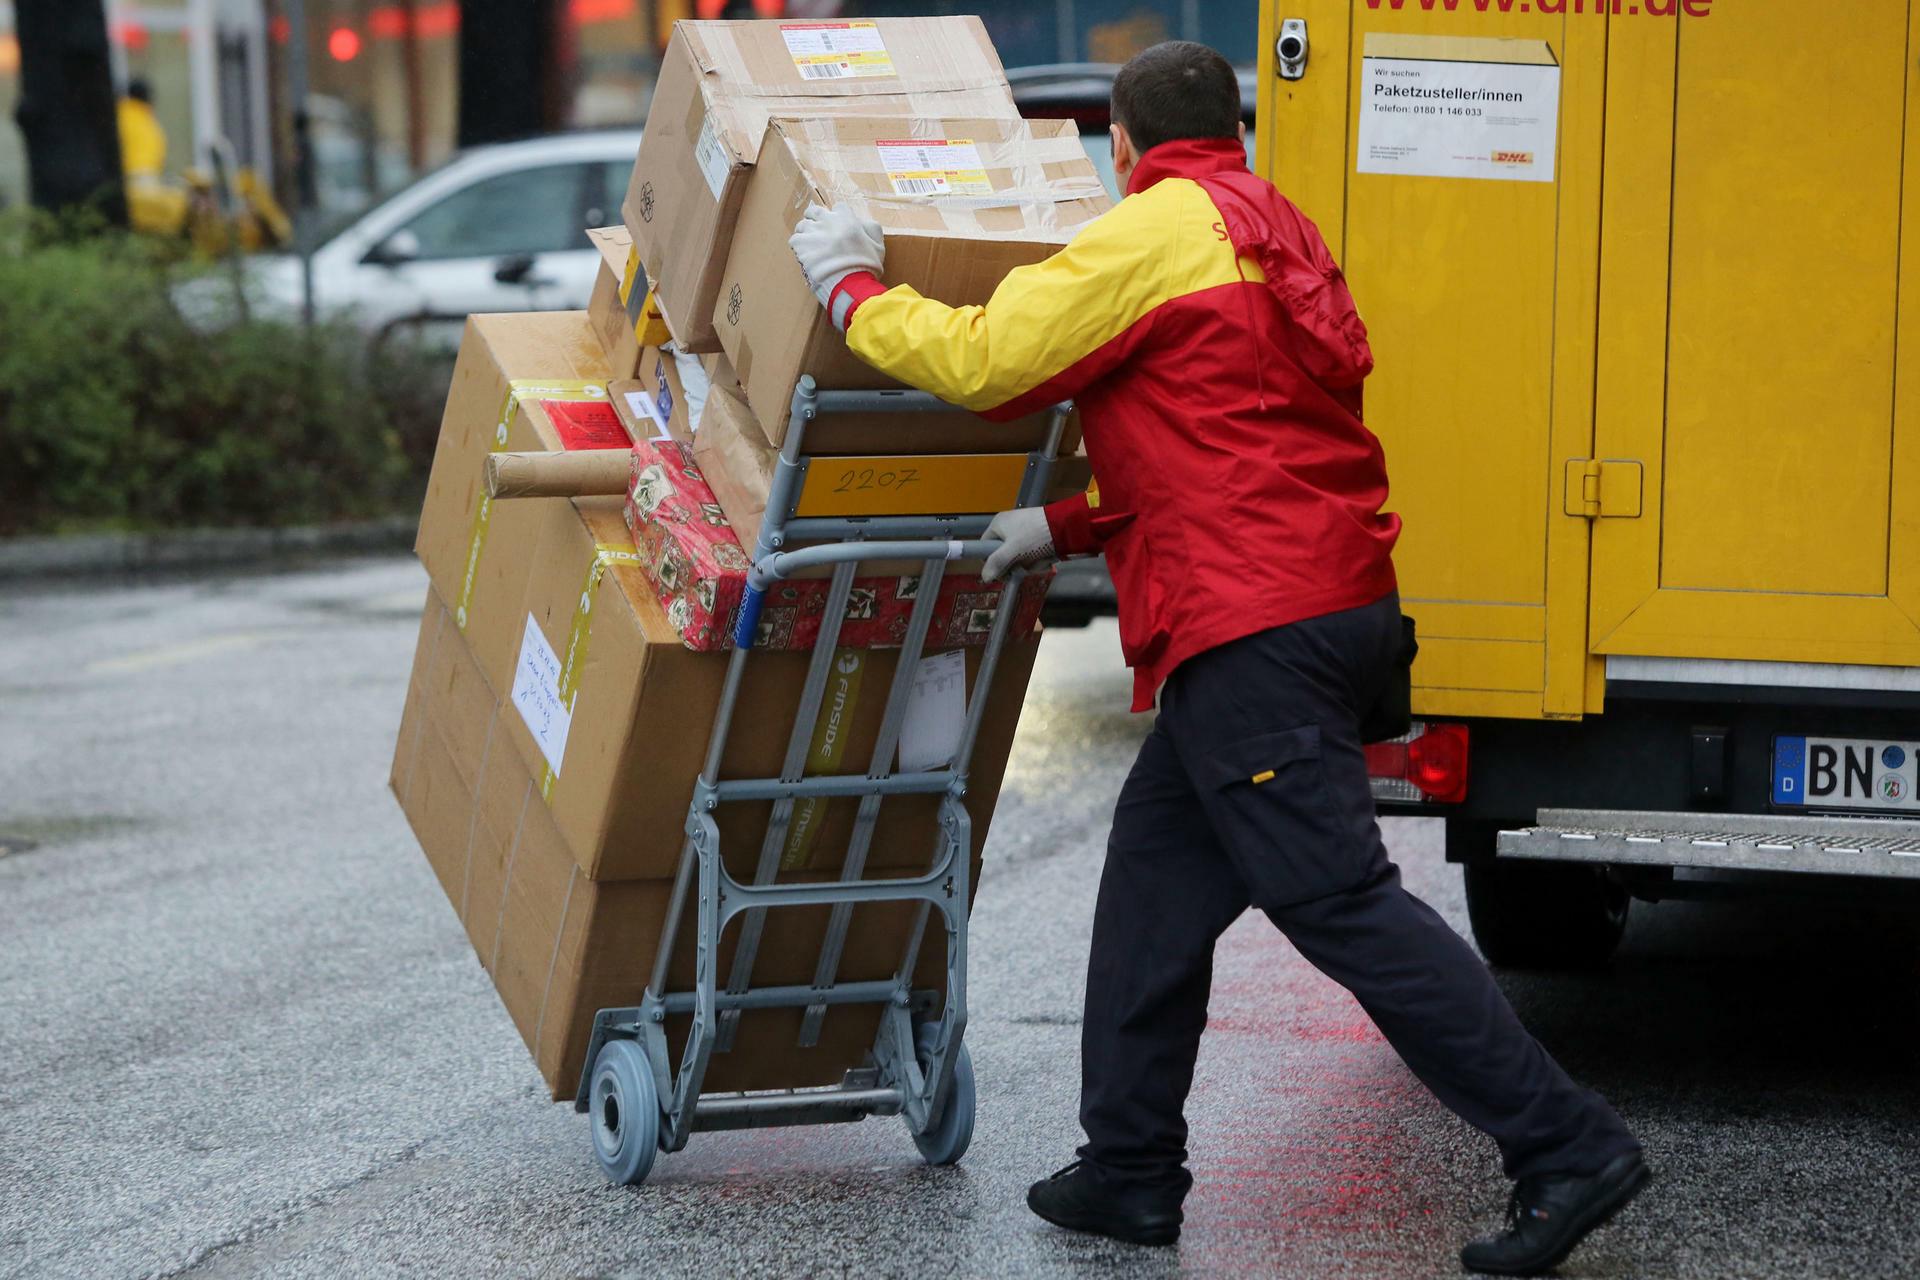 Weihnachtsgeschäft: Deshalb müssen wir auf unsere Pakete warten